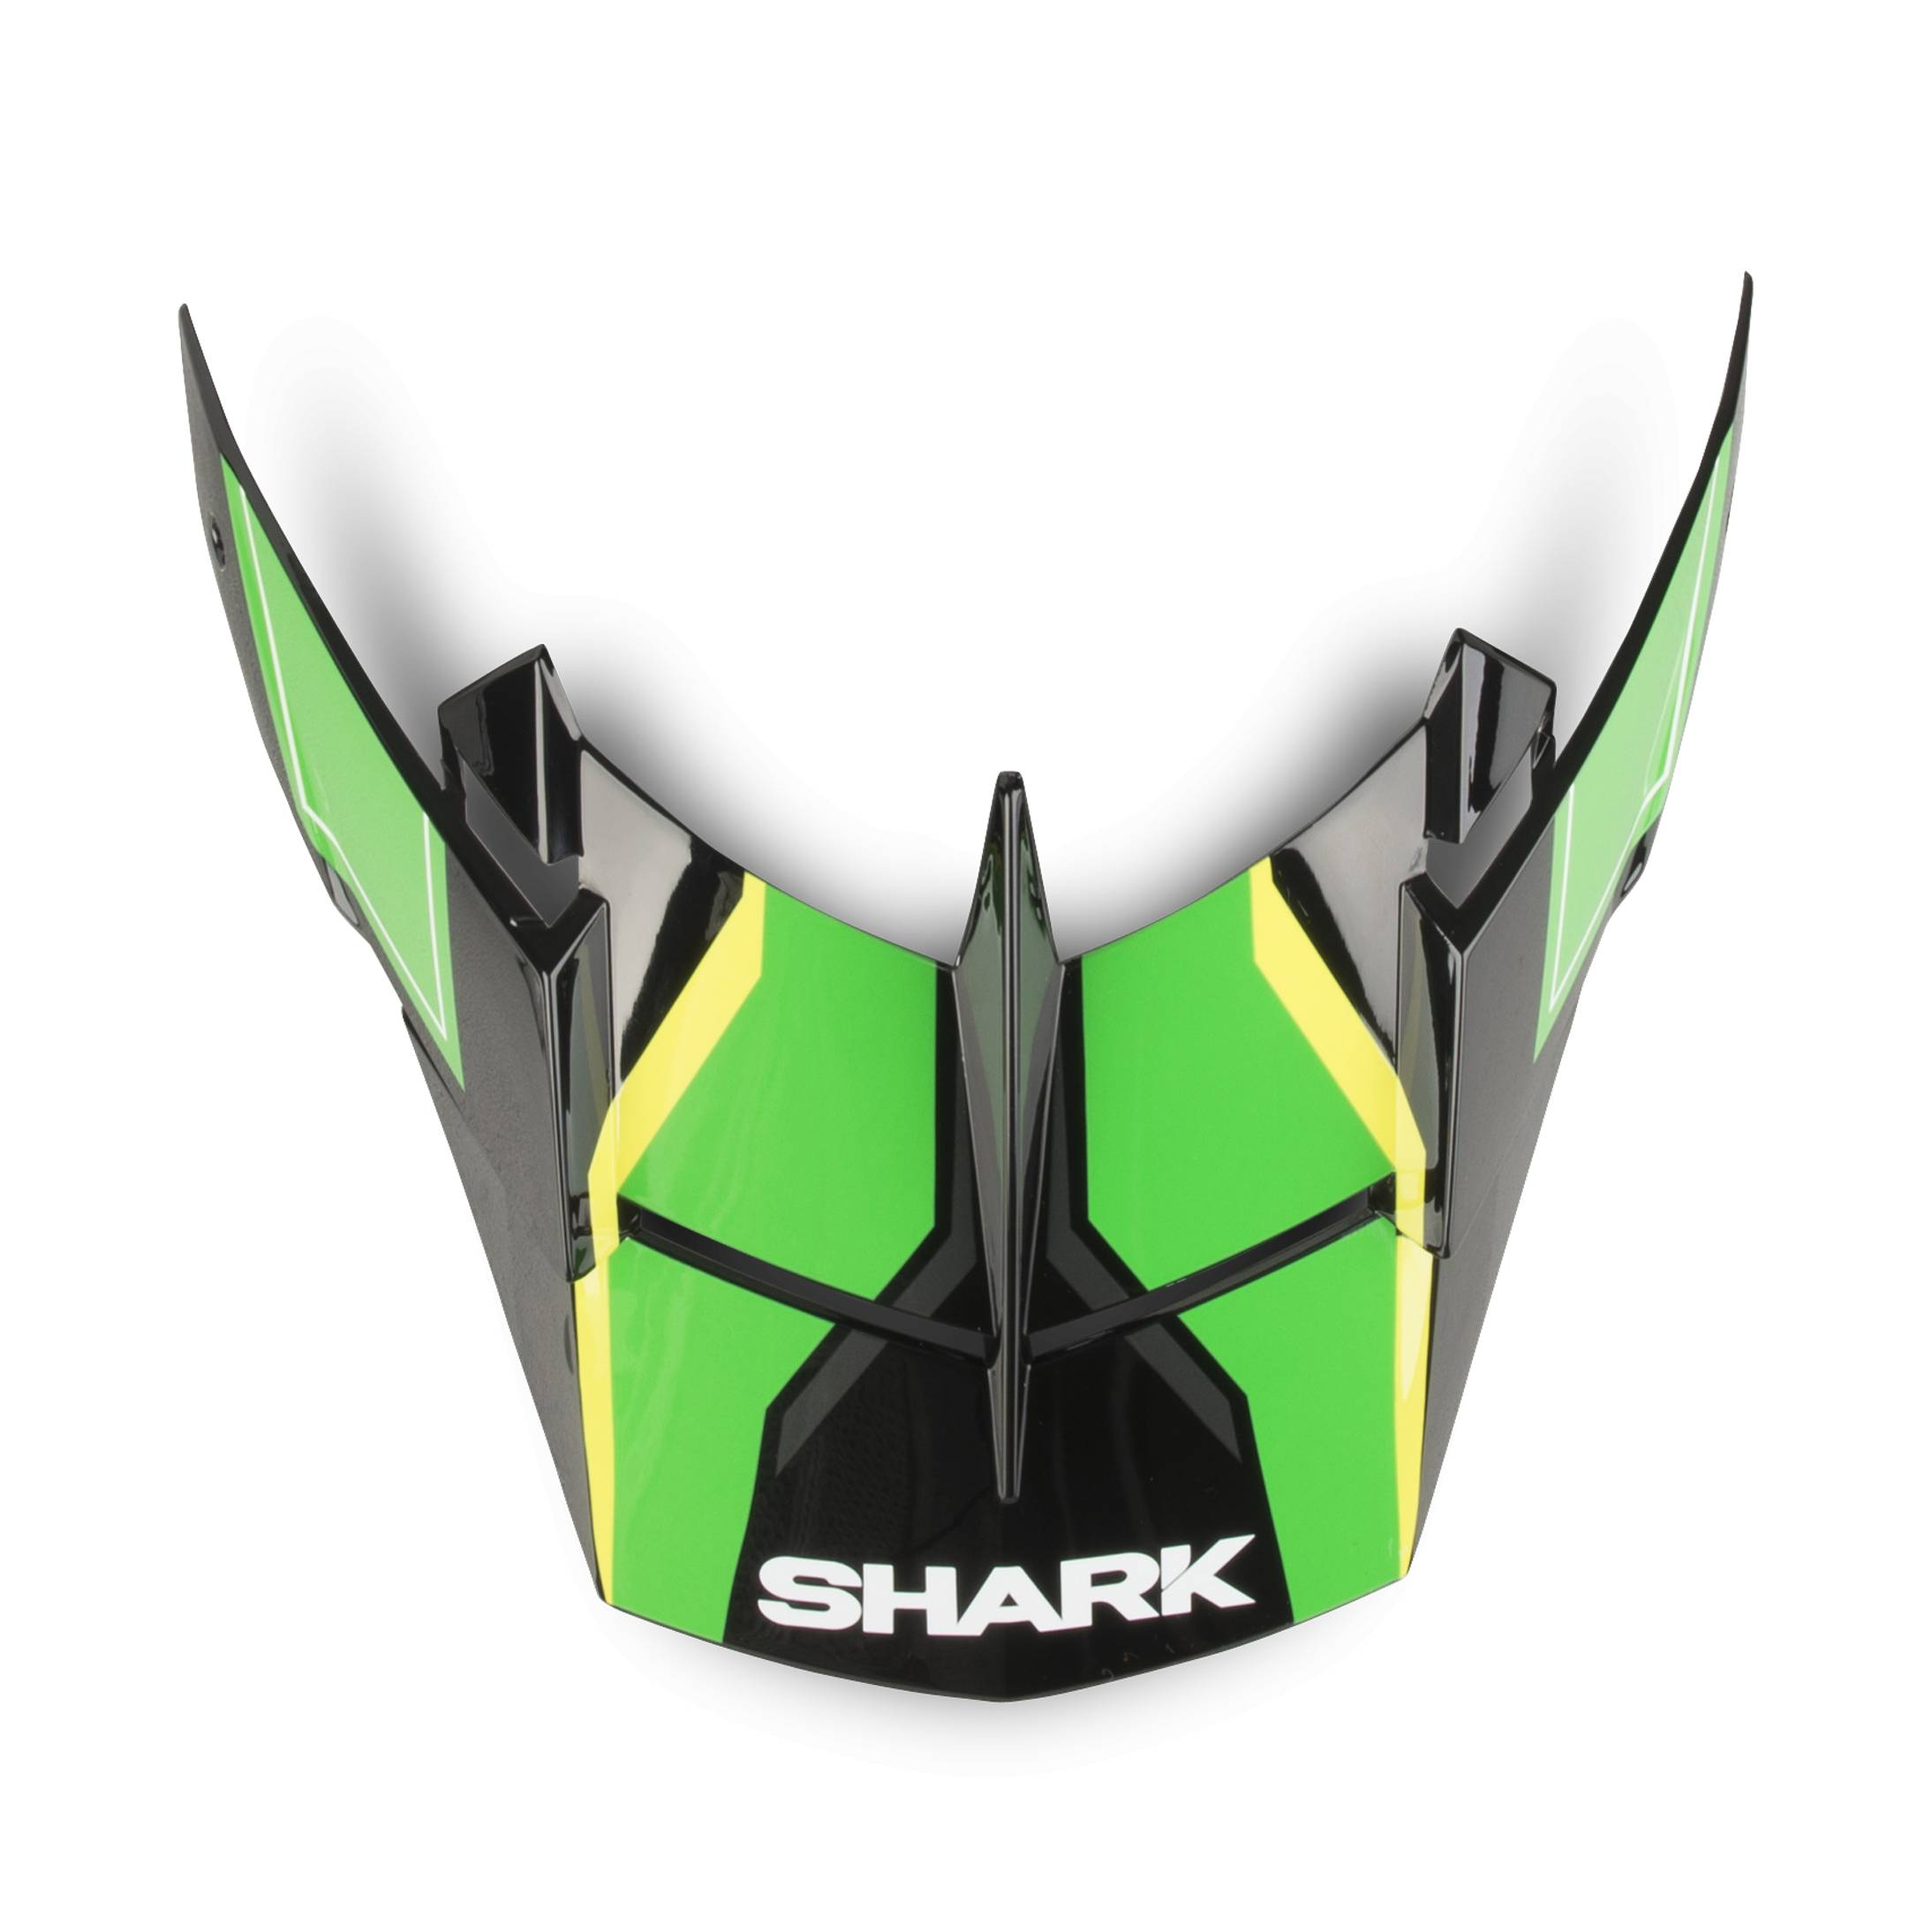 Shark Frontino  SX2 Dooley